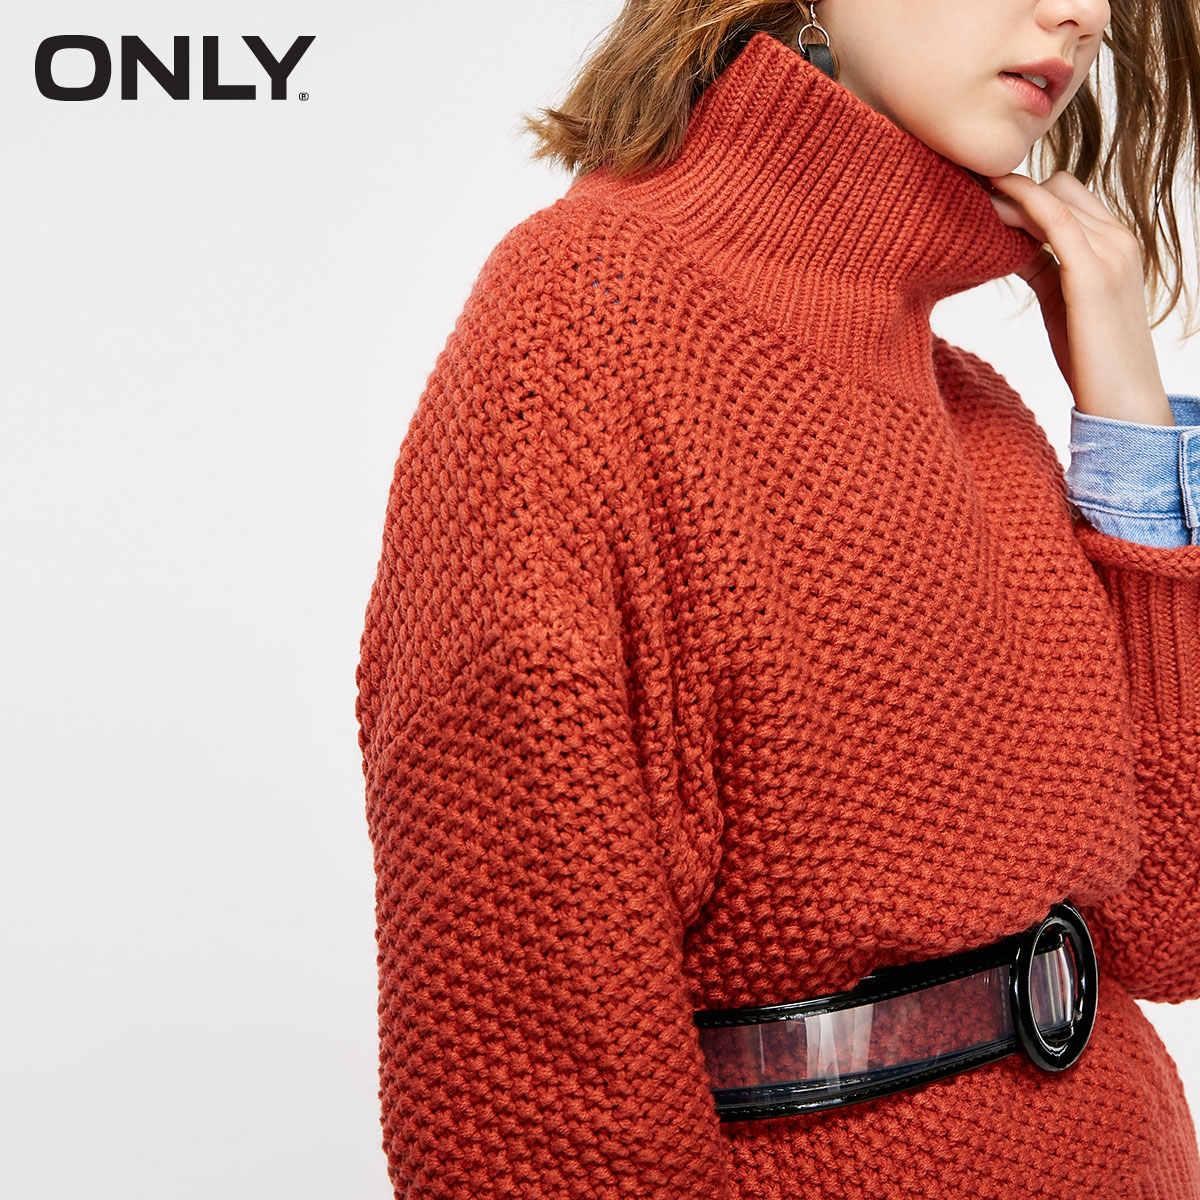 のみ秋の新 simpe 緩いソリッドカラーのセーター | 118313504